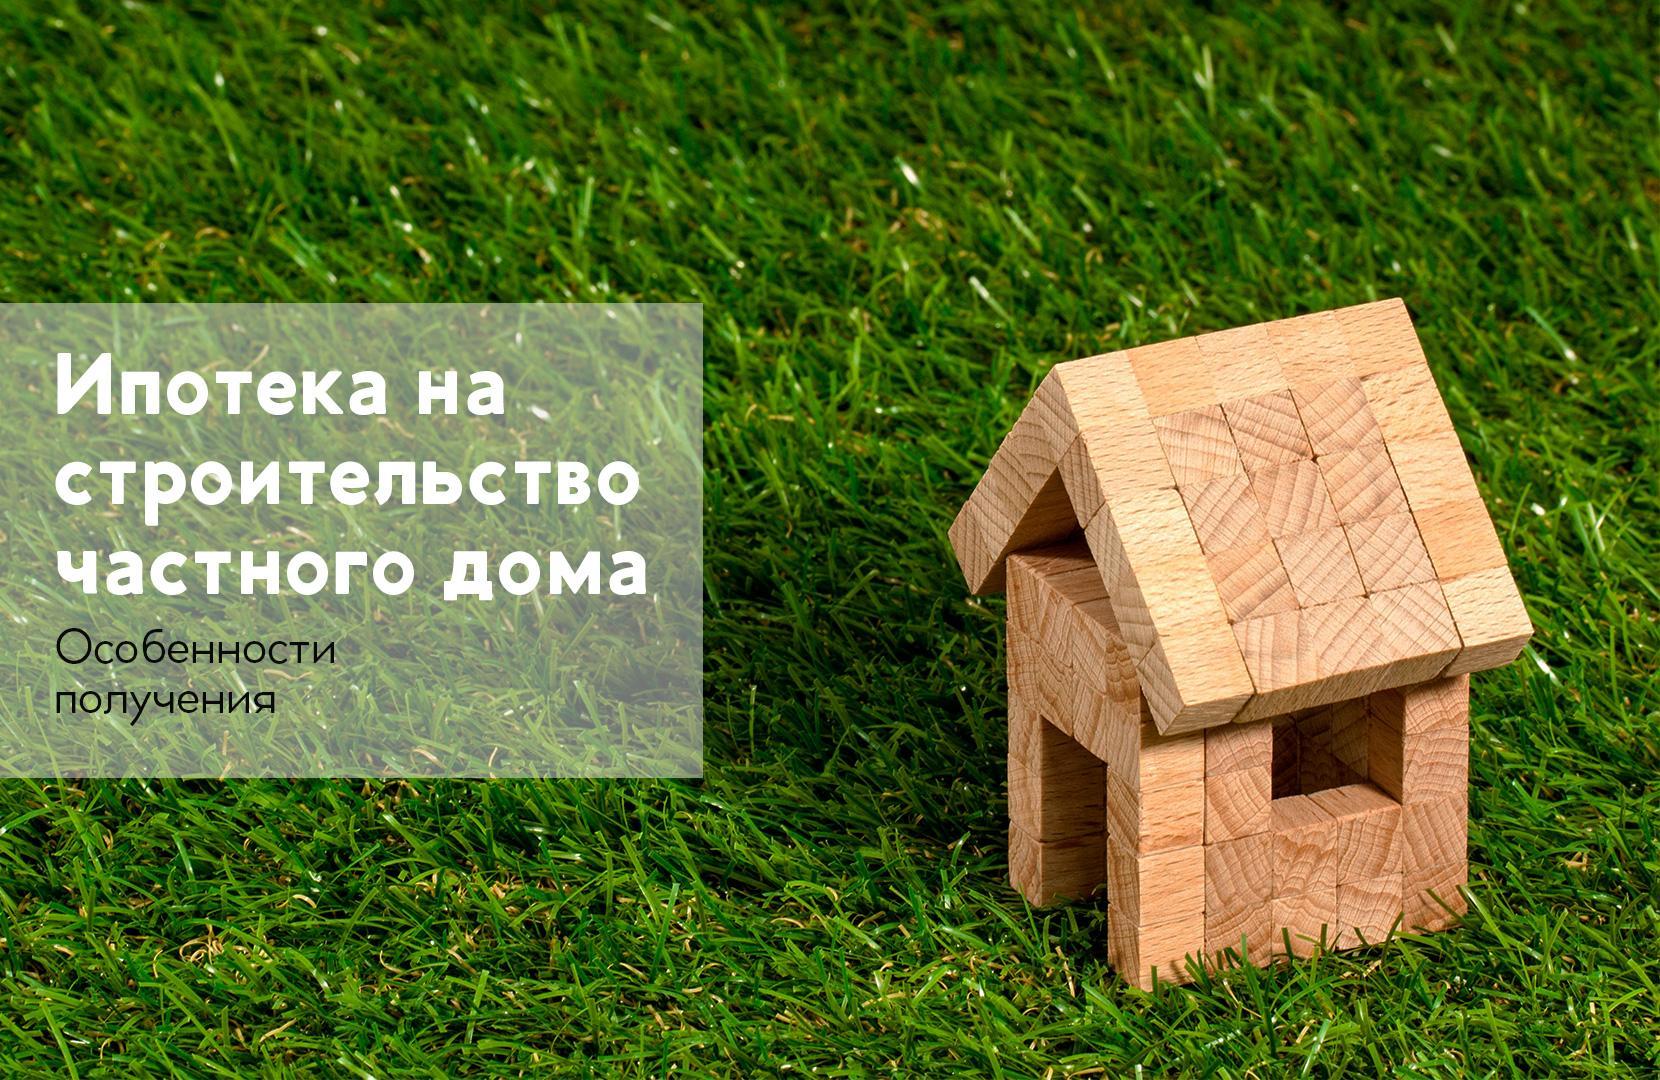 кредит под залог загородного дома с участком банки беспроцентный займ на карту в новосибирске